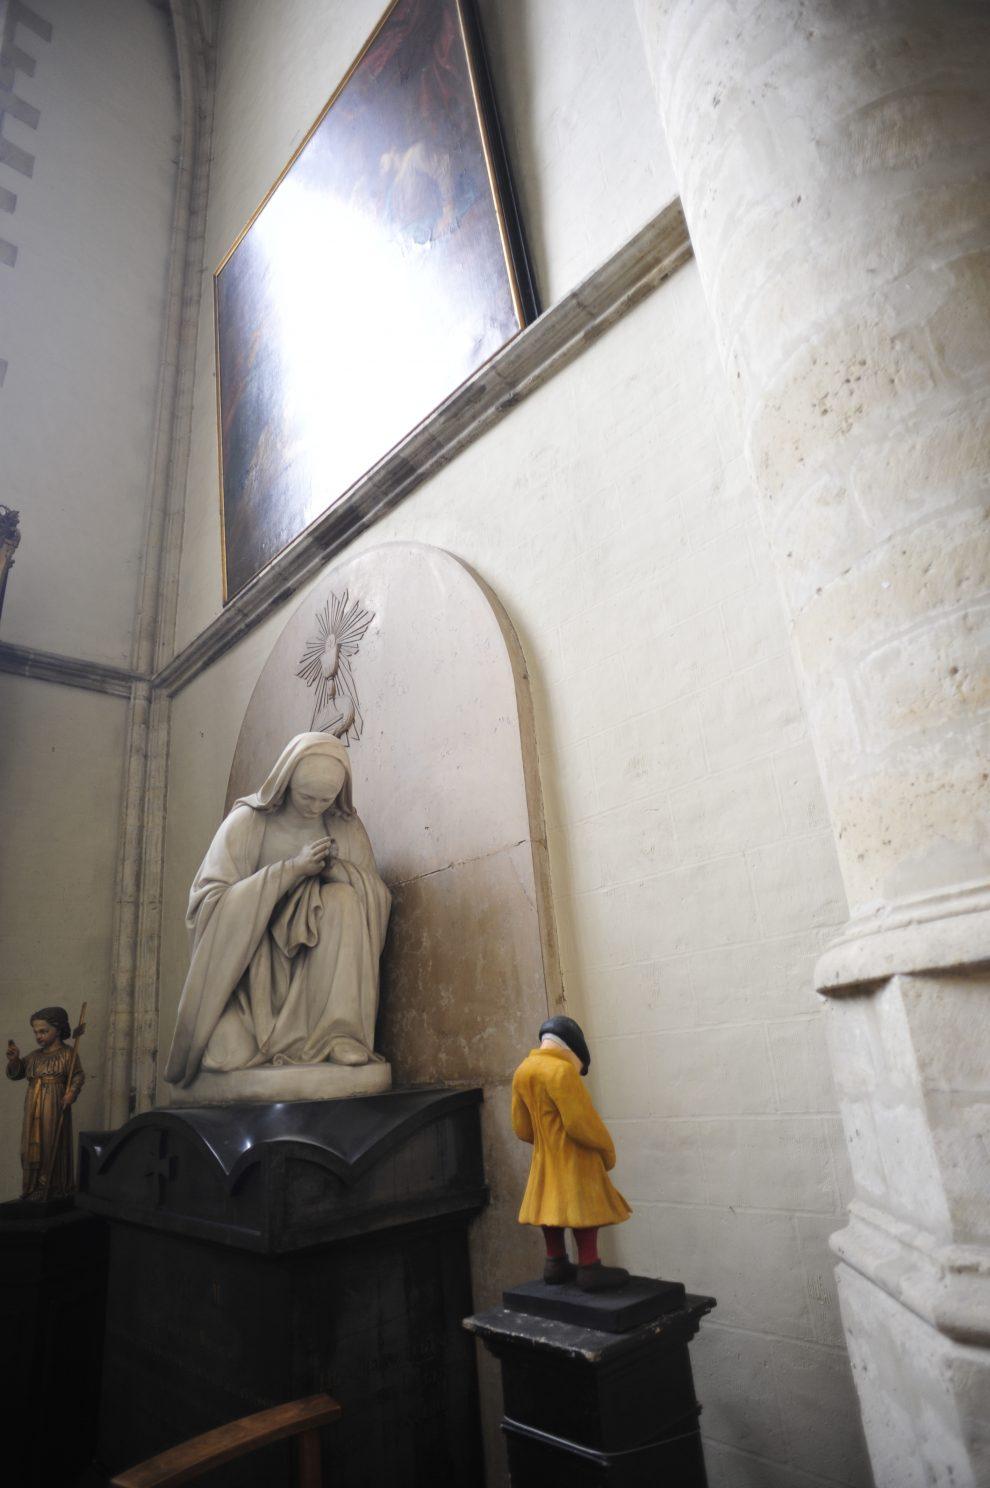 L'omino che fa pipì sulla luna, uno dei proverbi fiamminghi illustrati da Bruegel fuggito nella cattedrale